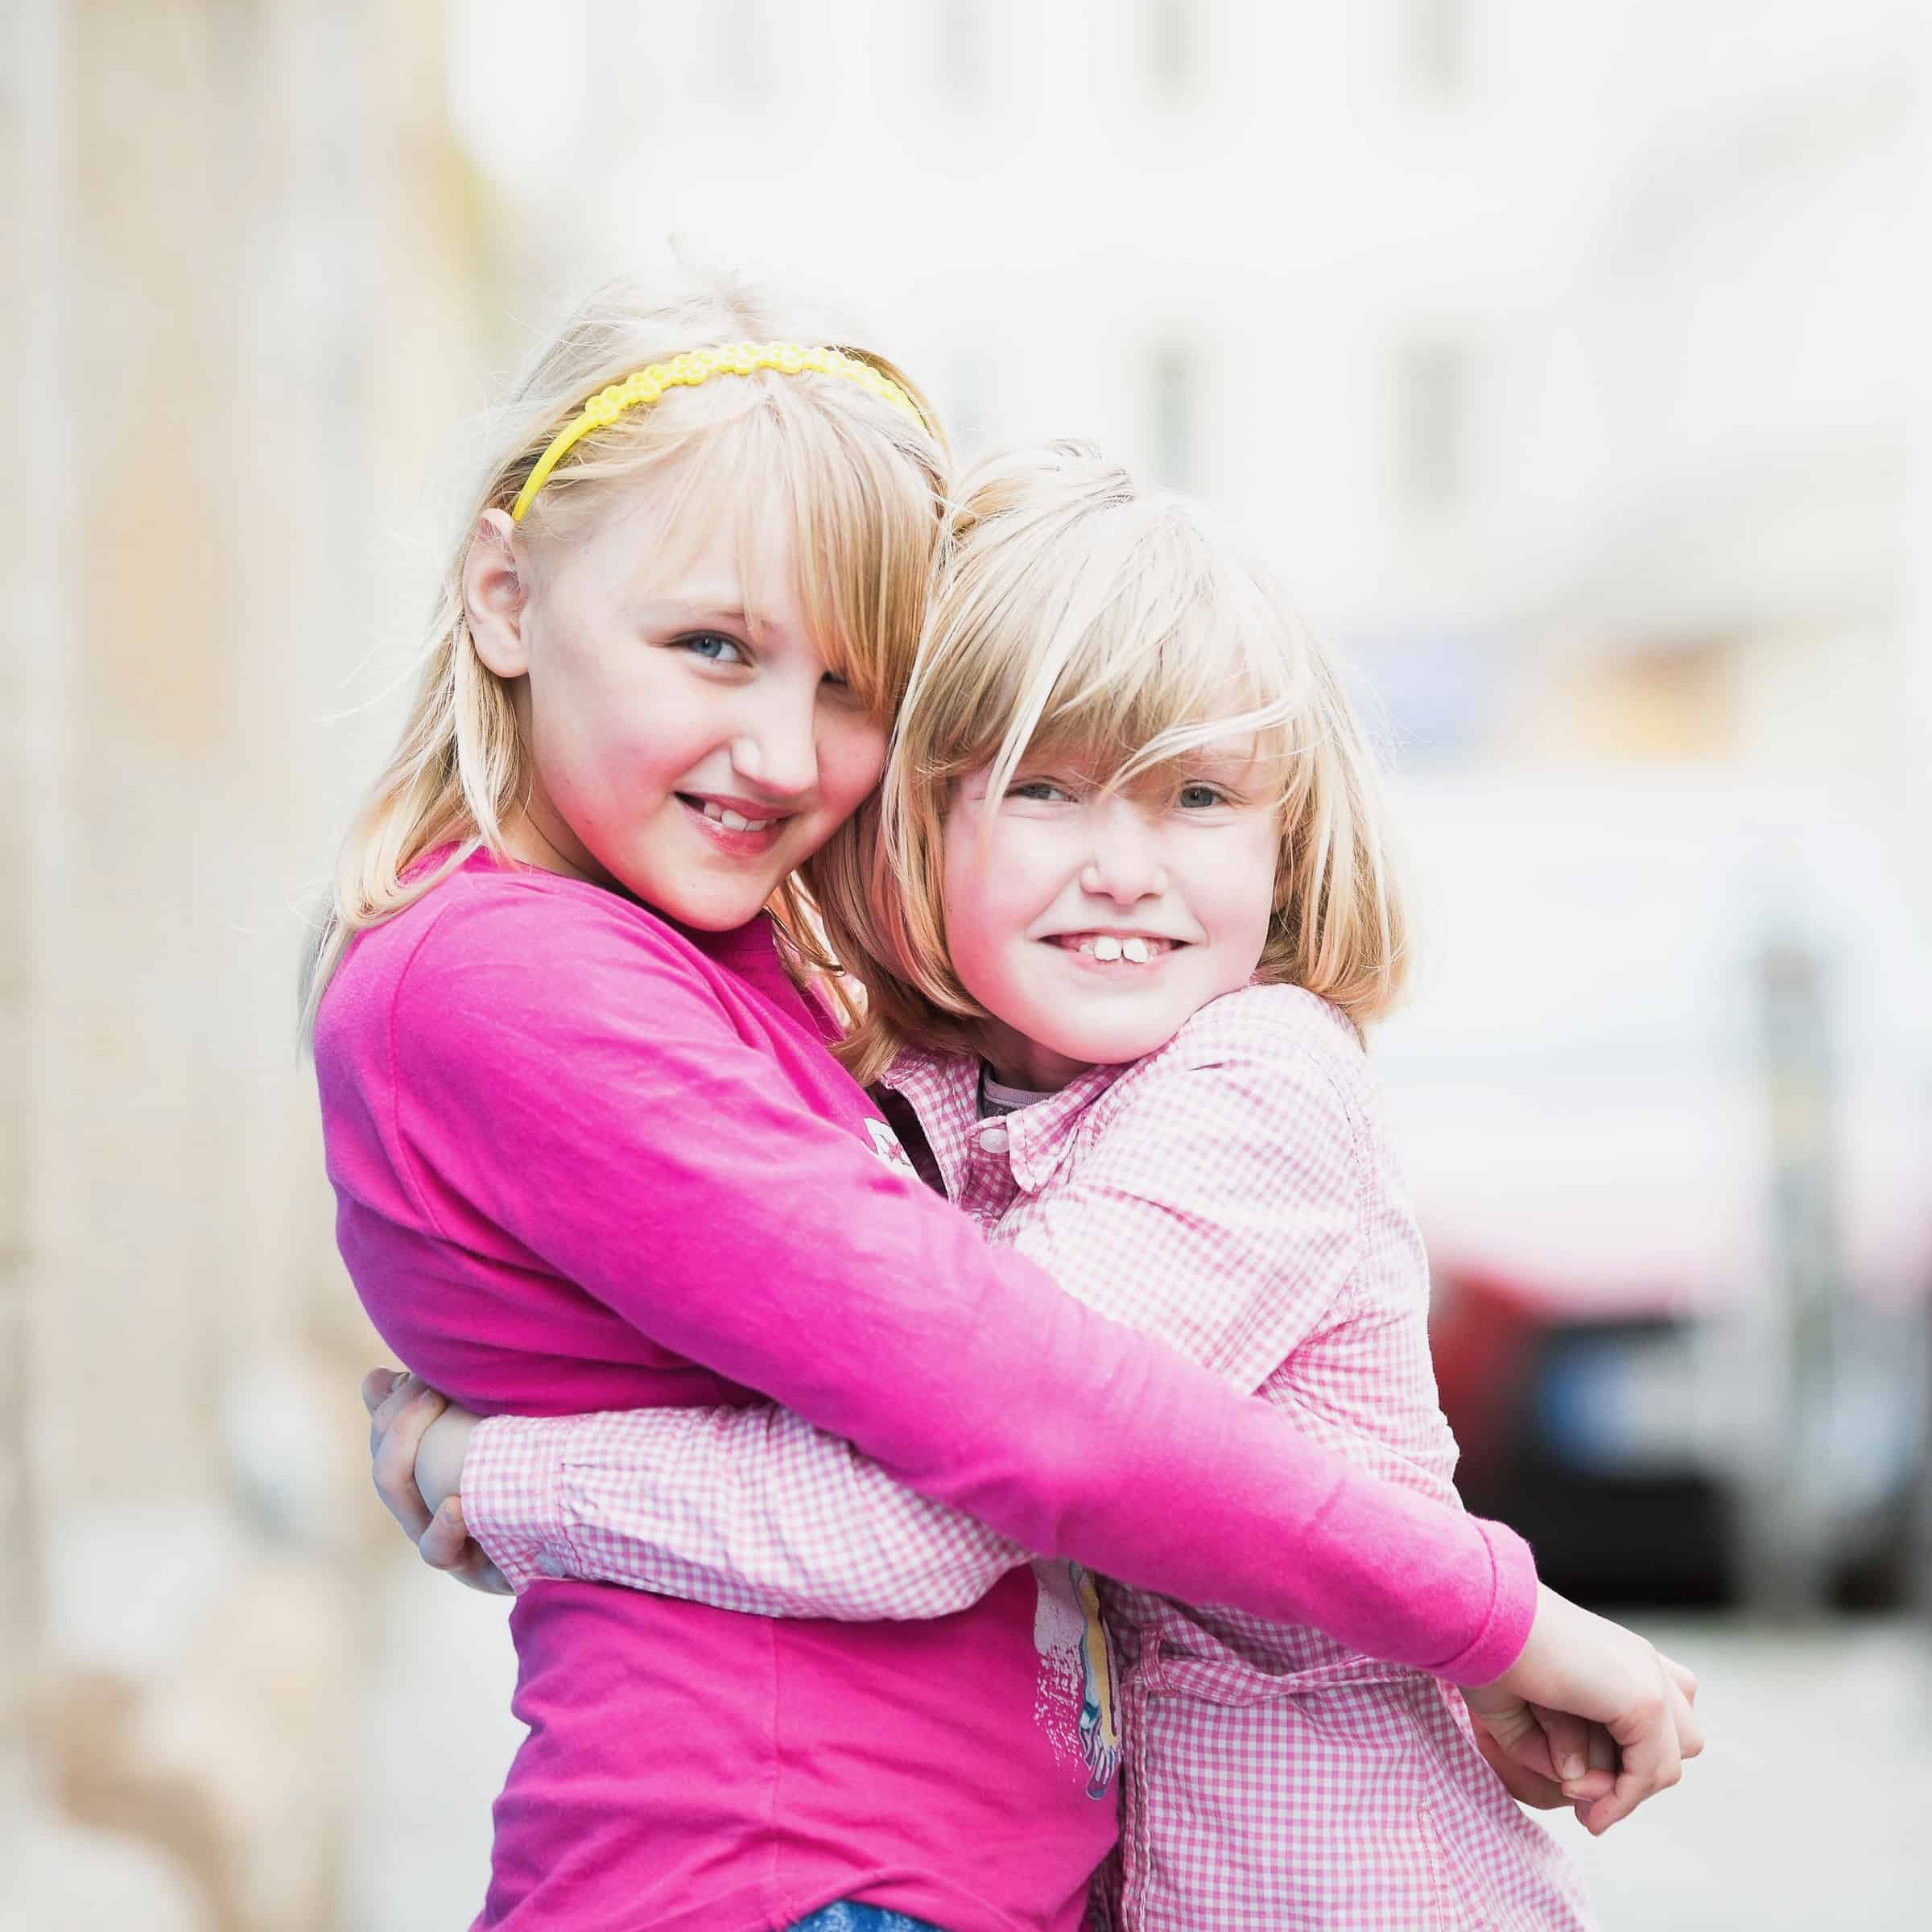 Kinder fördern. Zwei junge Freundinnen, die gefördert werden. Stoffwechsel